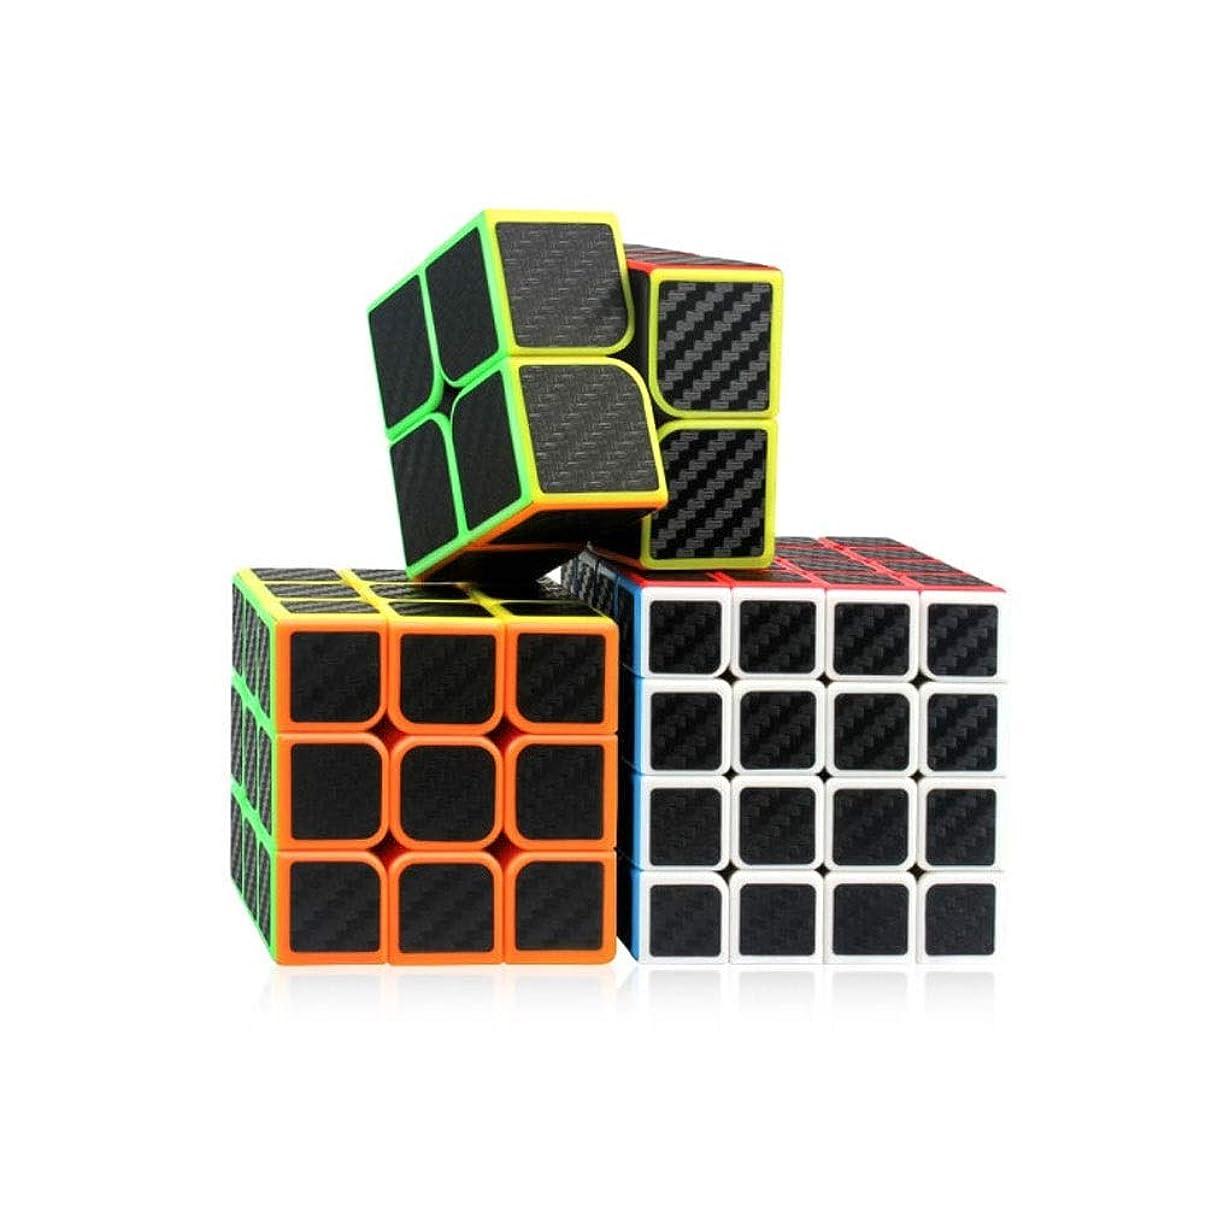 ドメイン固執証言するChenjinxiang01 ルービックキューブ、3つの手頃な価格の包装キューブ、カーボンファイバー素材で作られた、なめらかな使用、贈り物として使用可能(2/3/4次) 健康および環境保護 (Edition : Second order~Fourth order)